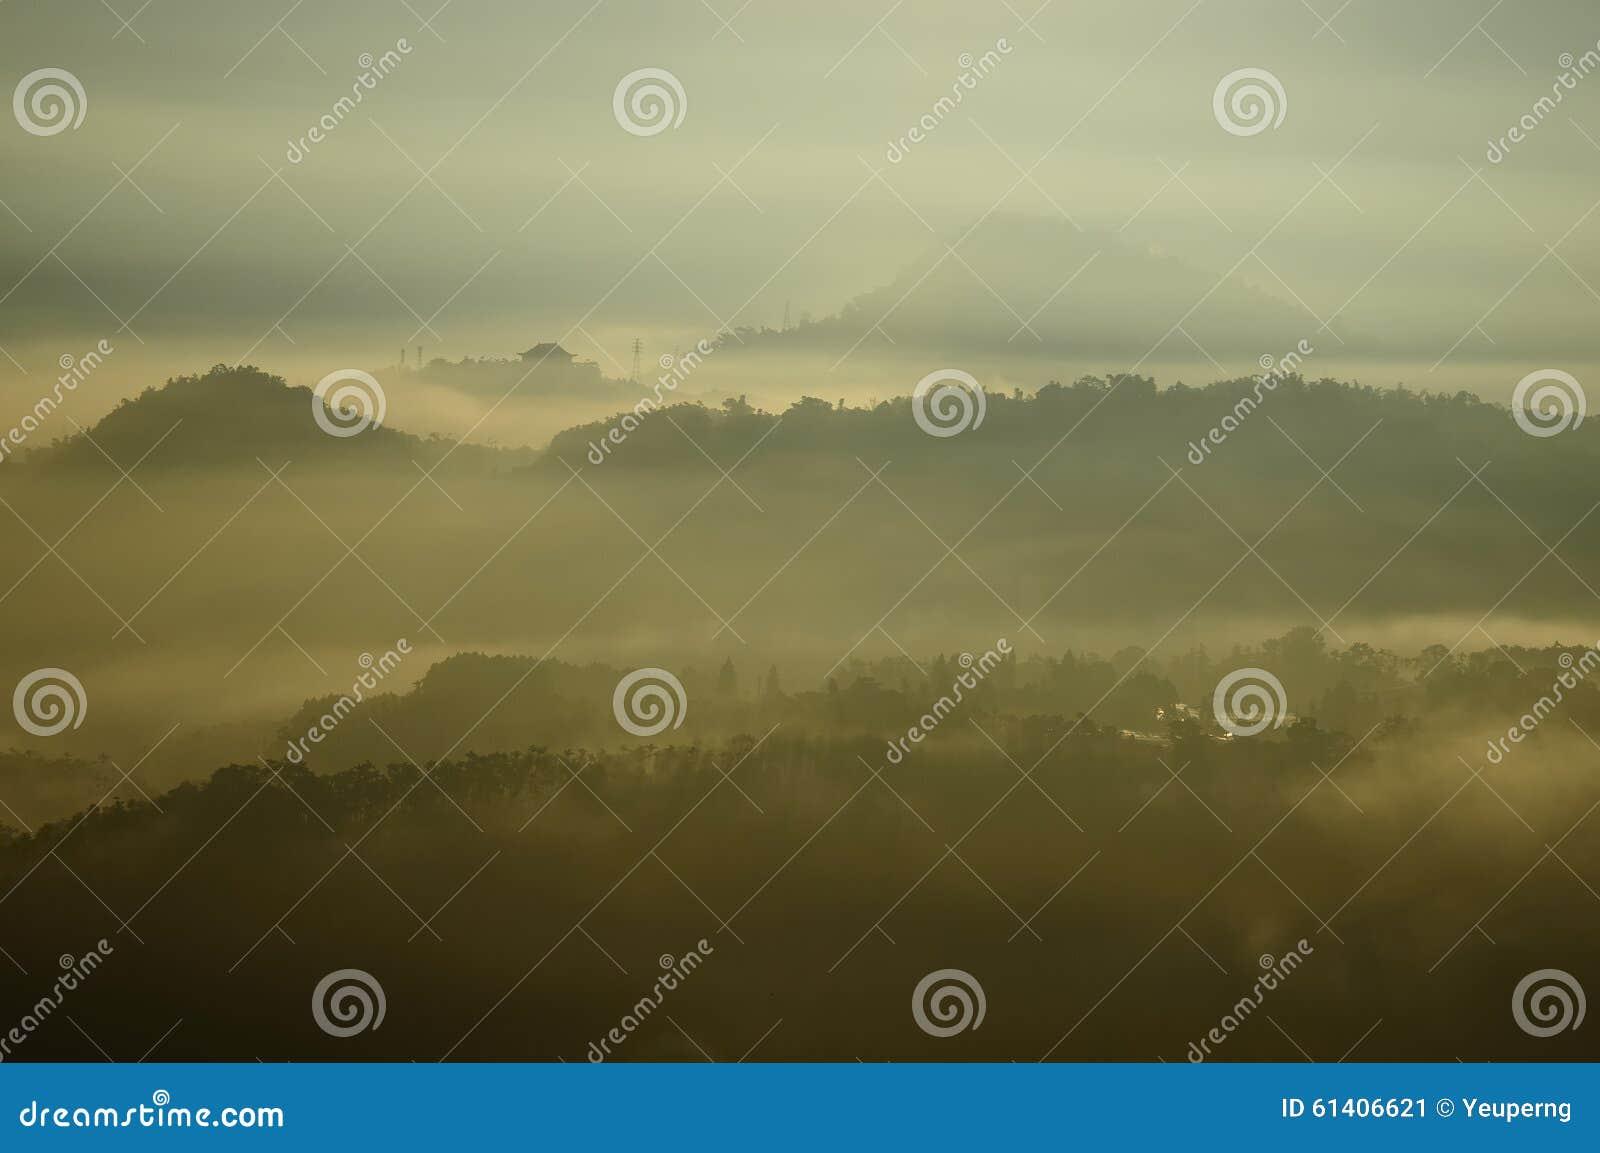 Morning mist landscape.